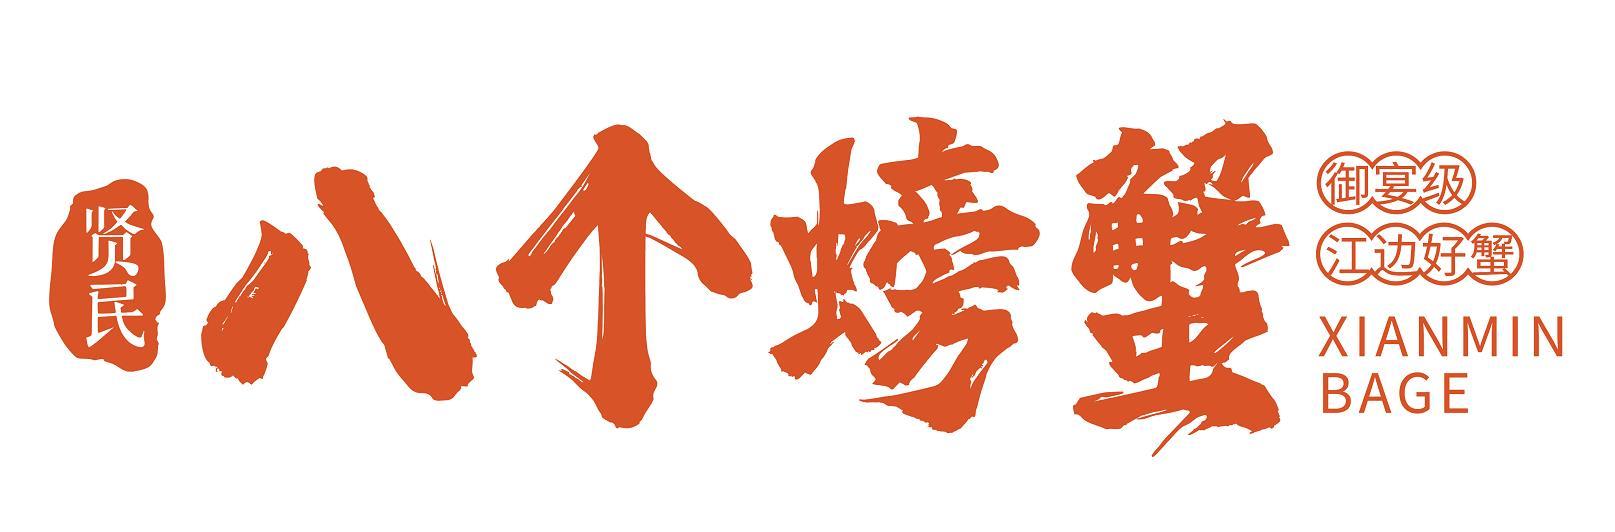 八个螃蟹logo设计